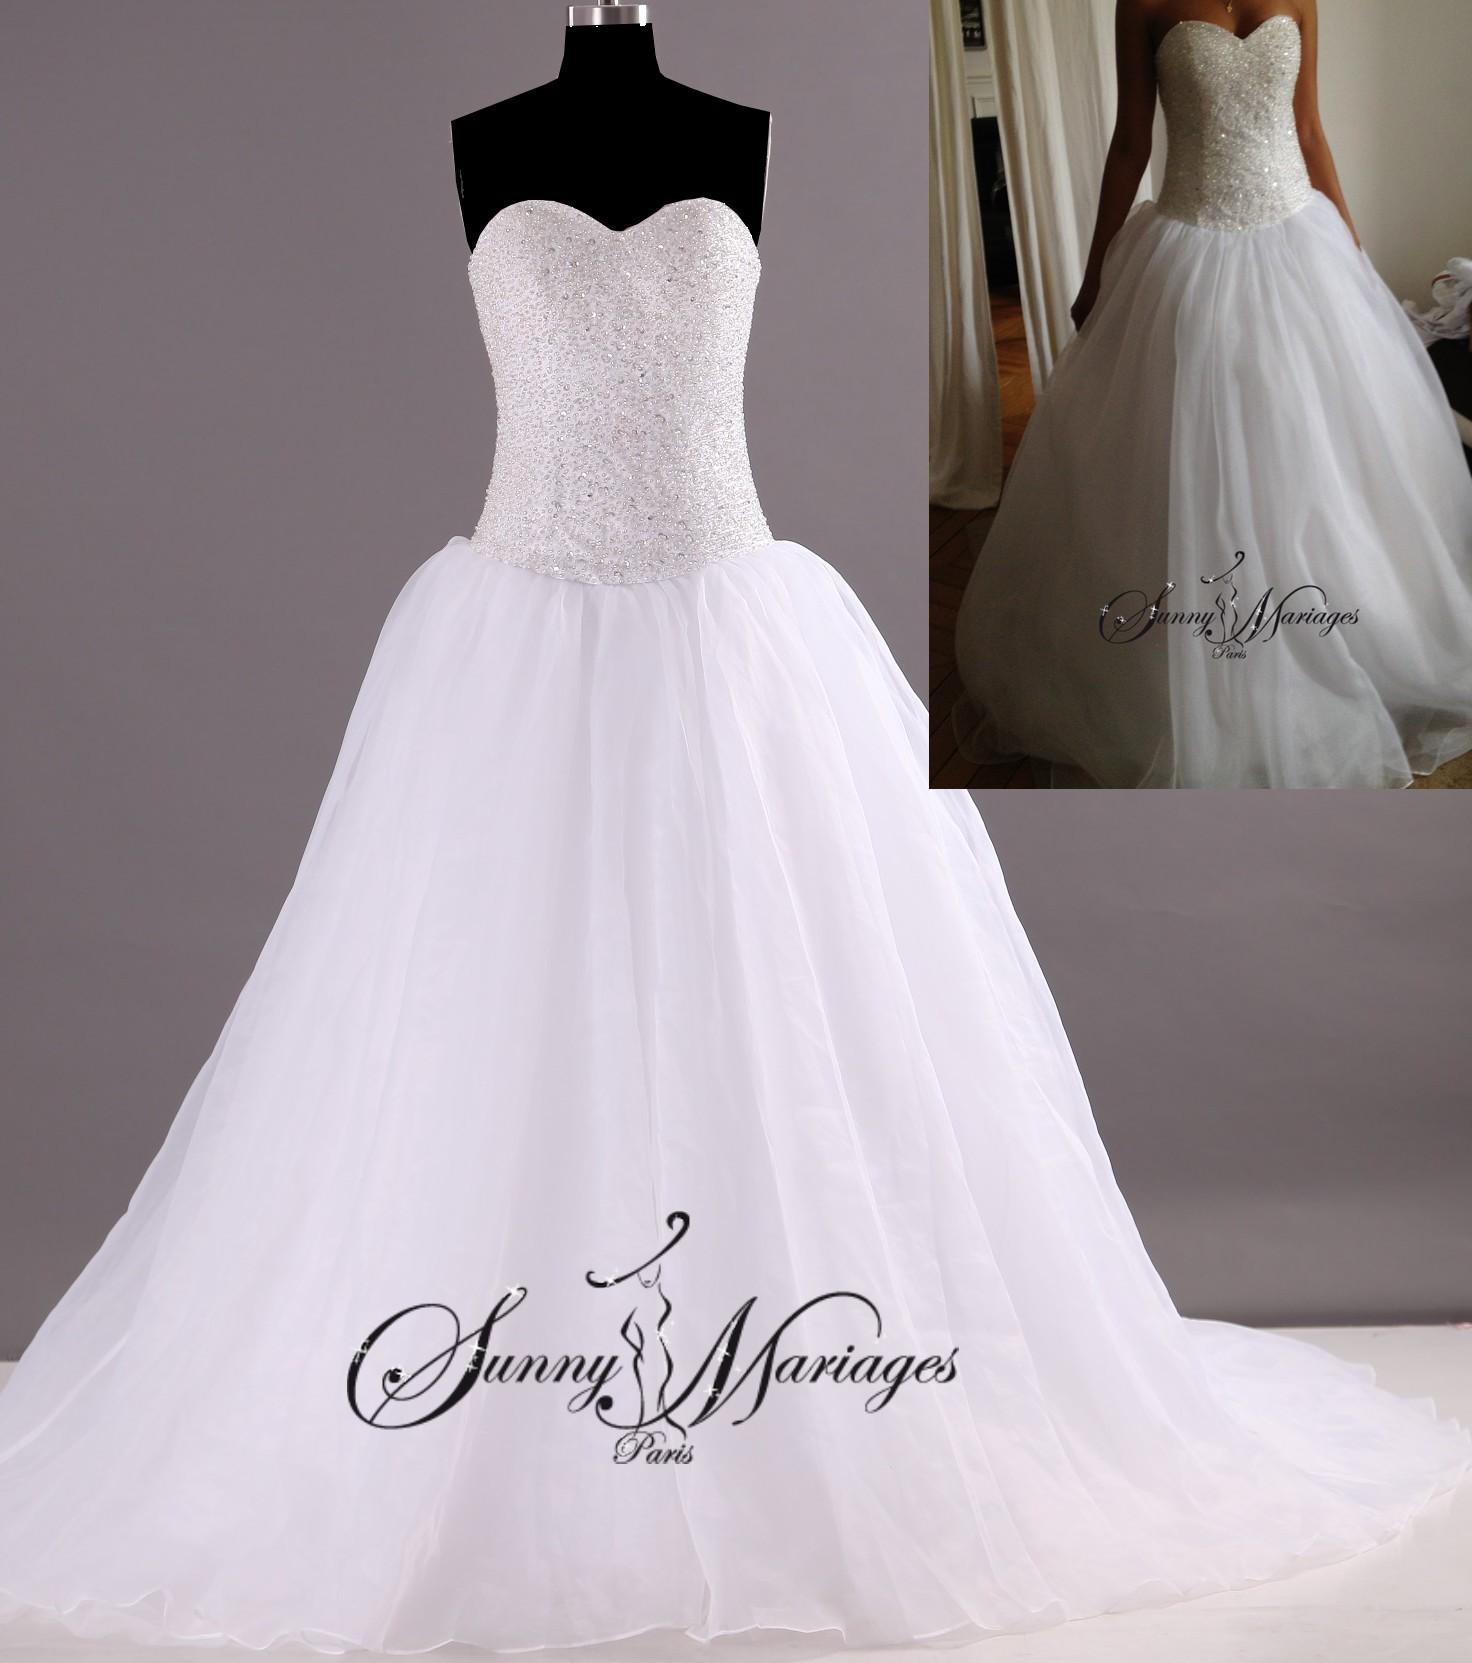 Robe De Mariee Princesse Bustier En Perles Transparente Robe Blanche De Mariage Robe De Mariee Pas Cher Sunny Mariage